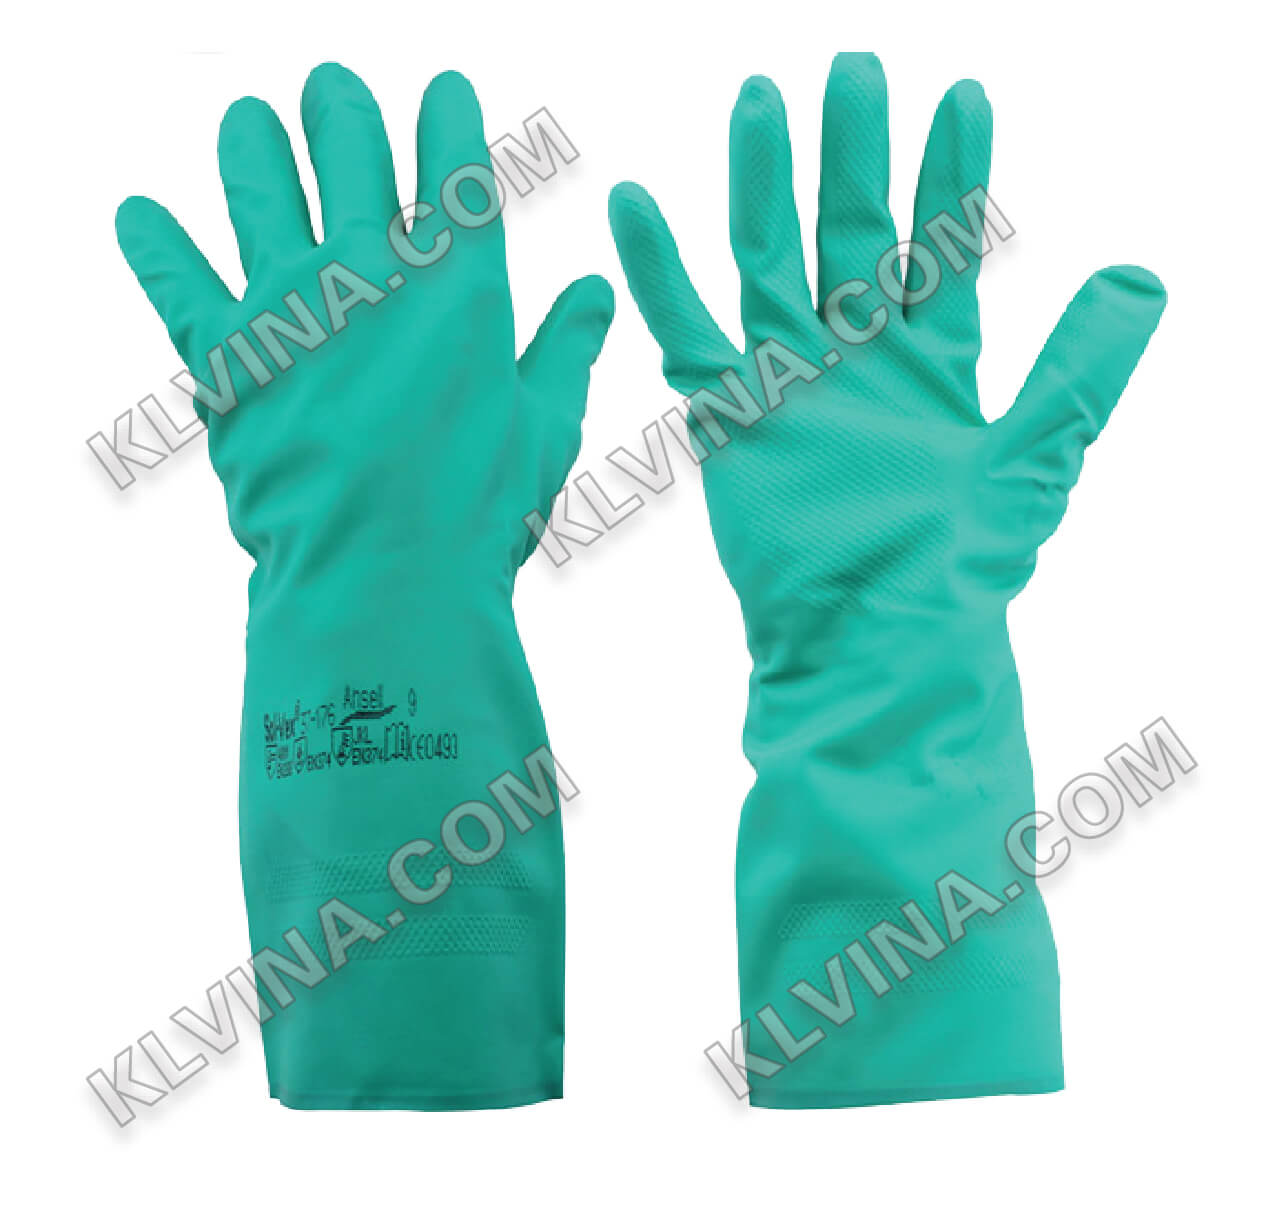 Găng tay chống hoá chất malysia